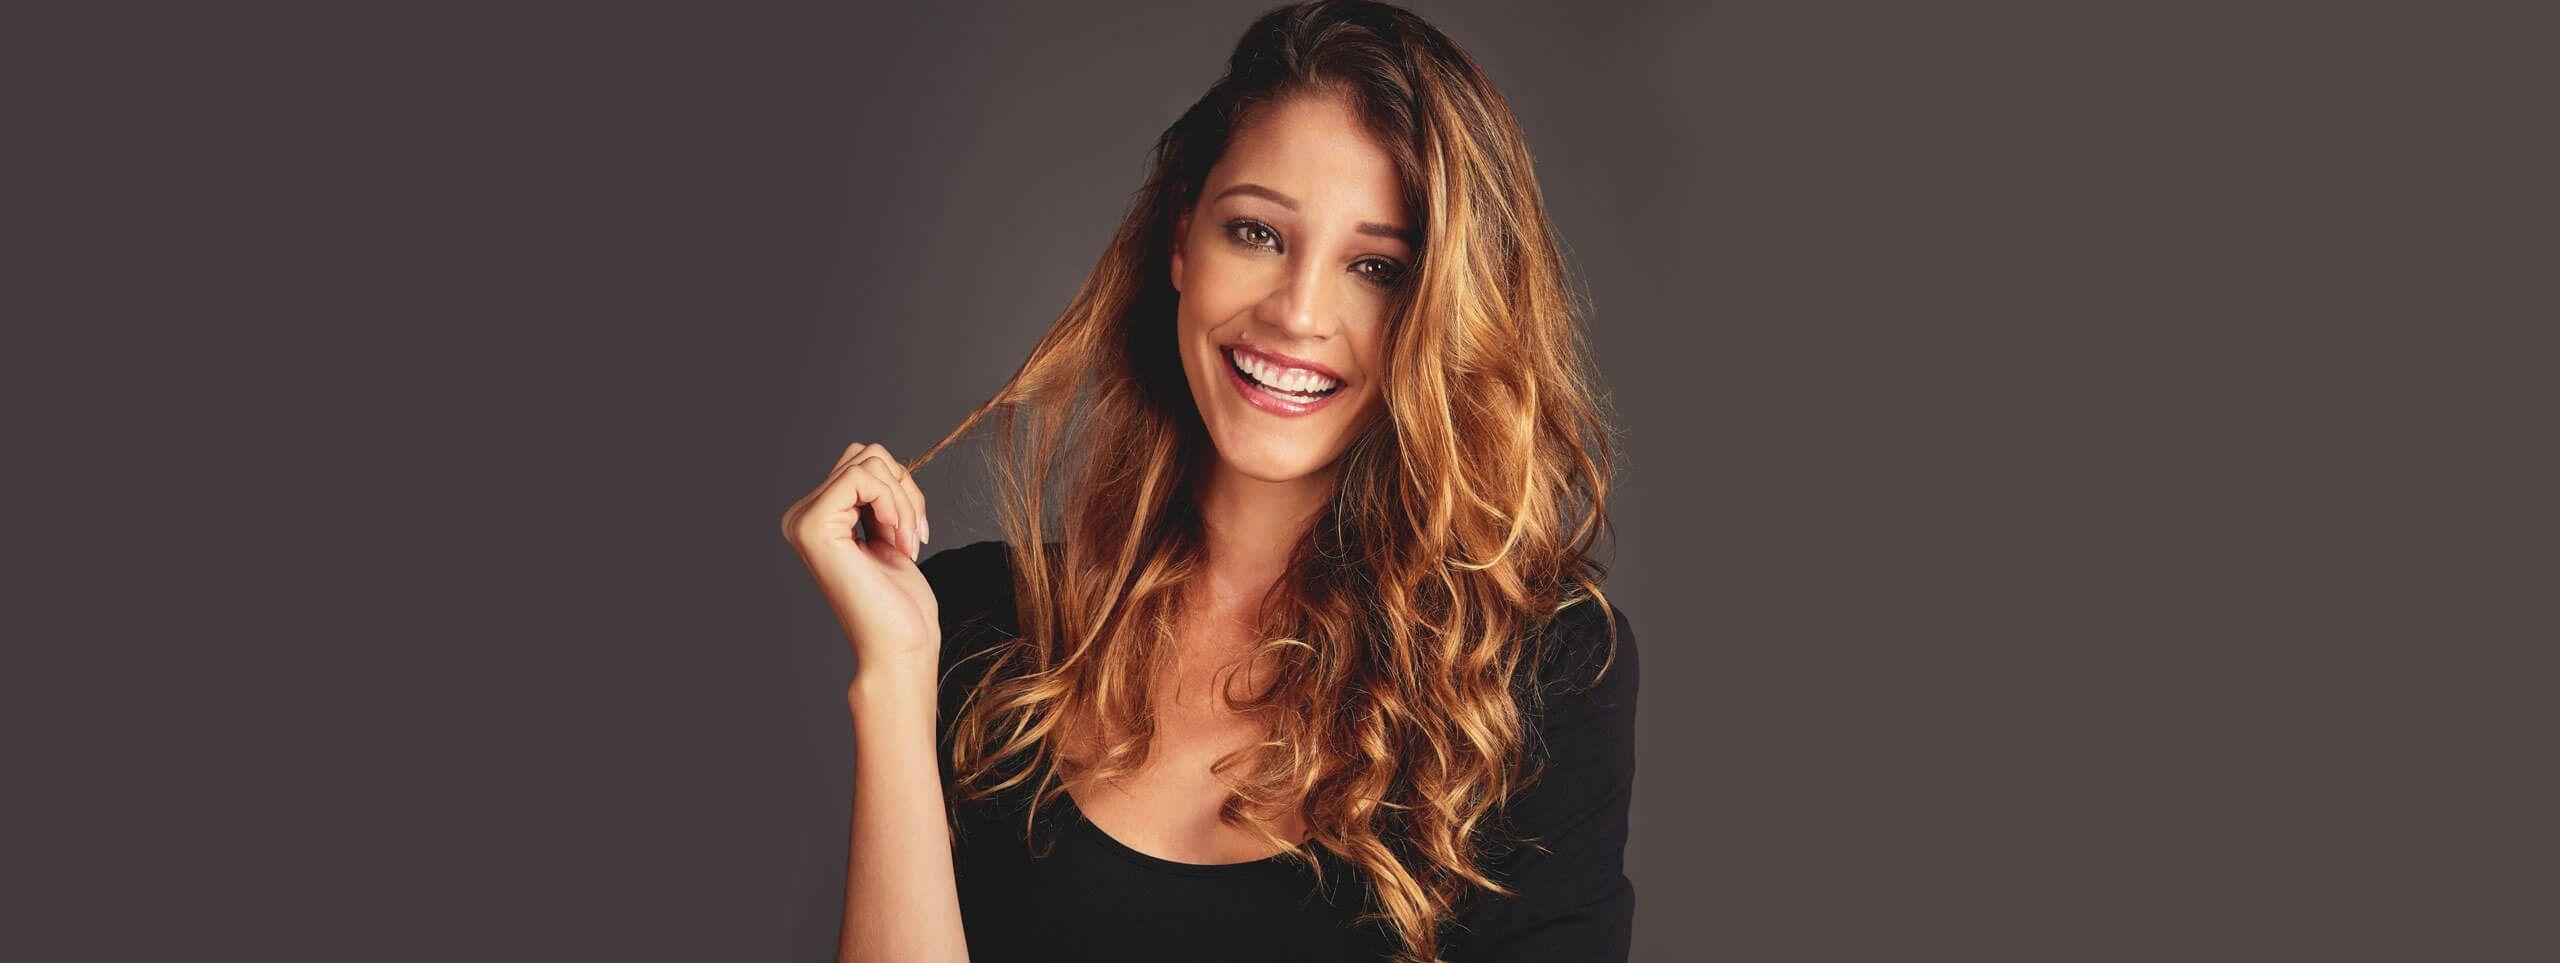 Śmiejąca się kobieta z kręconymi włosami